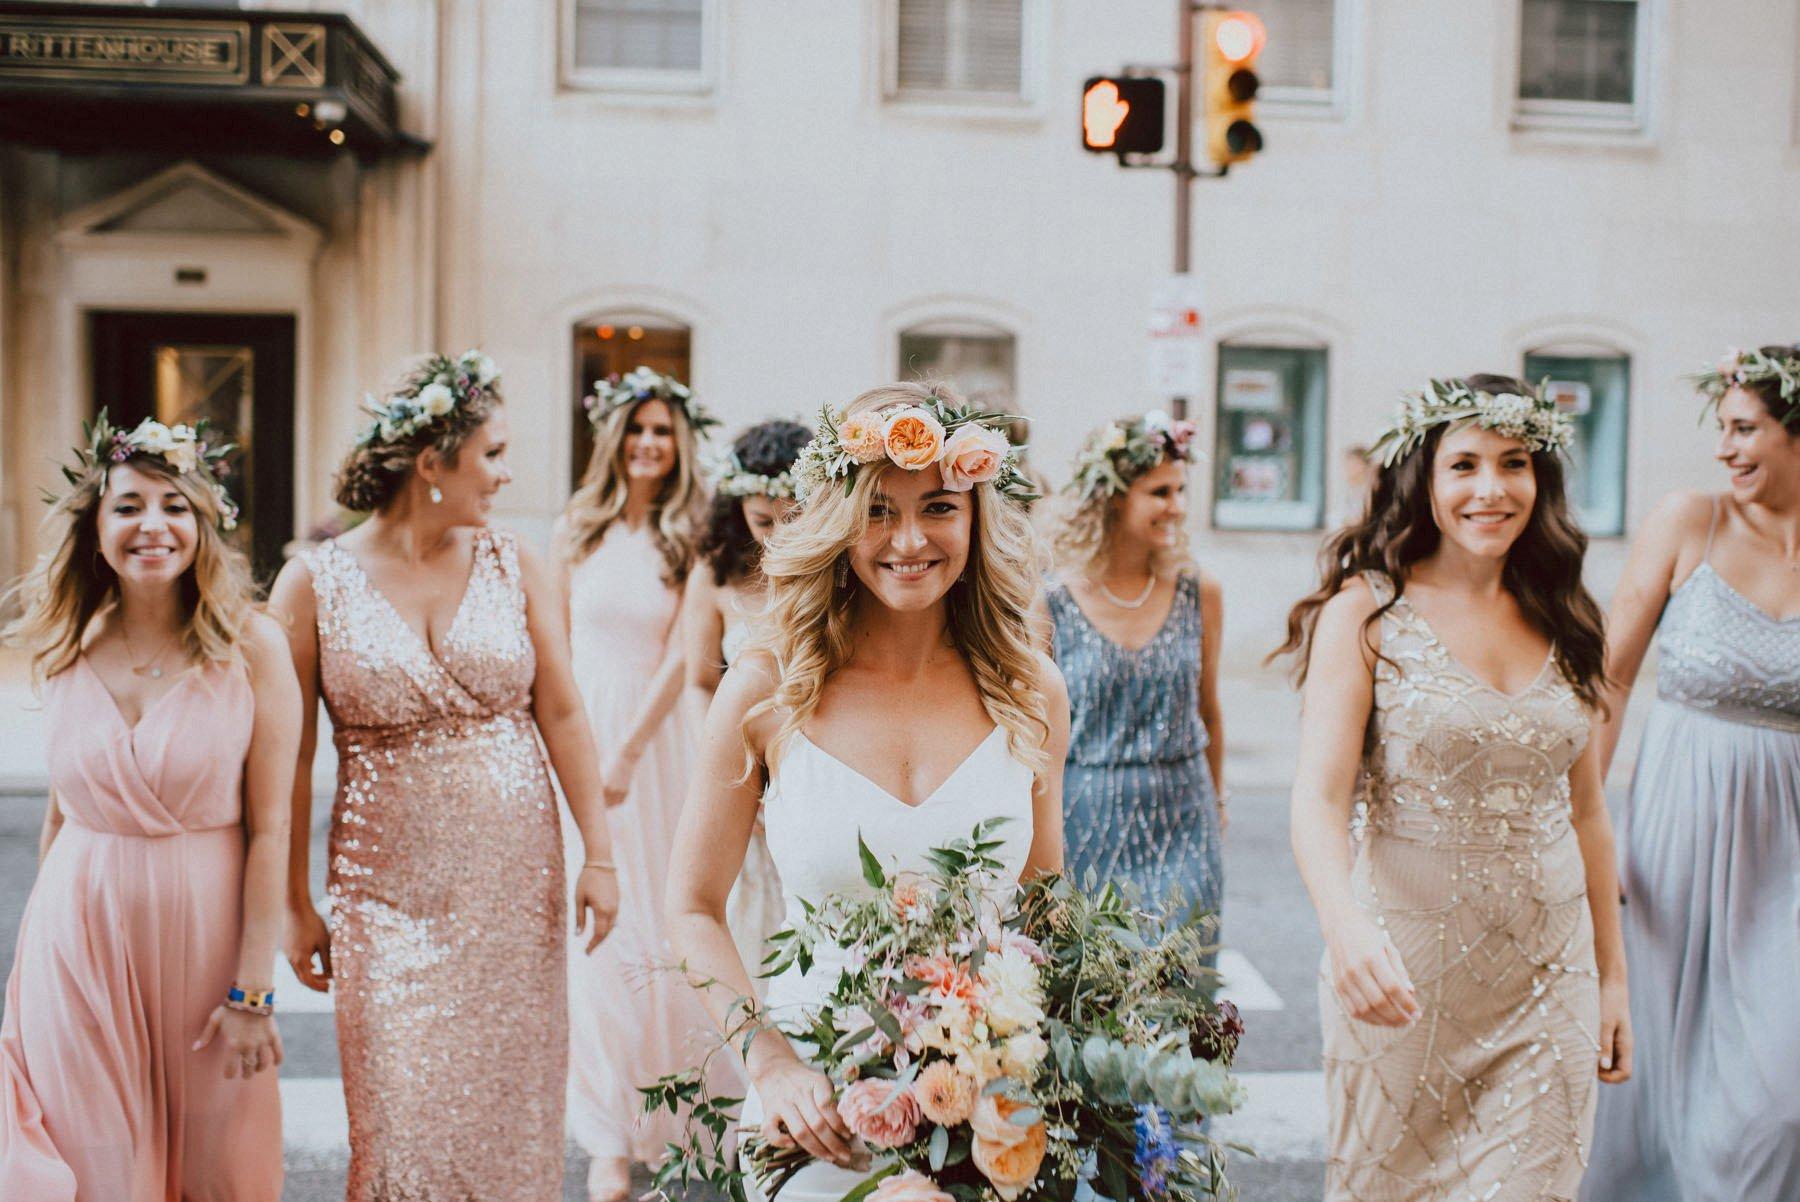 la-cheri-philadelphia-wedding-71.jpg